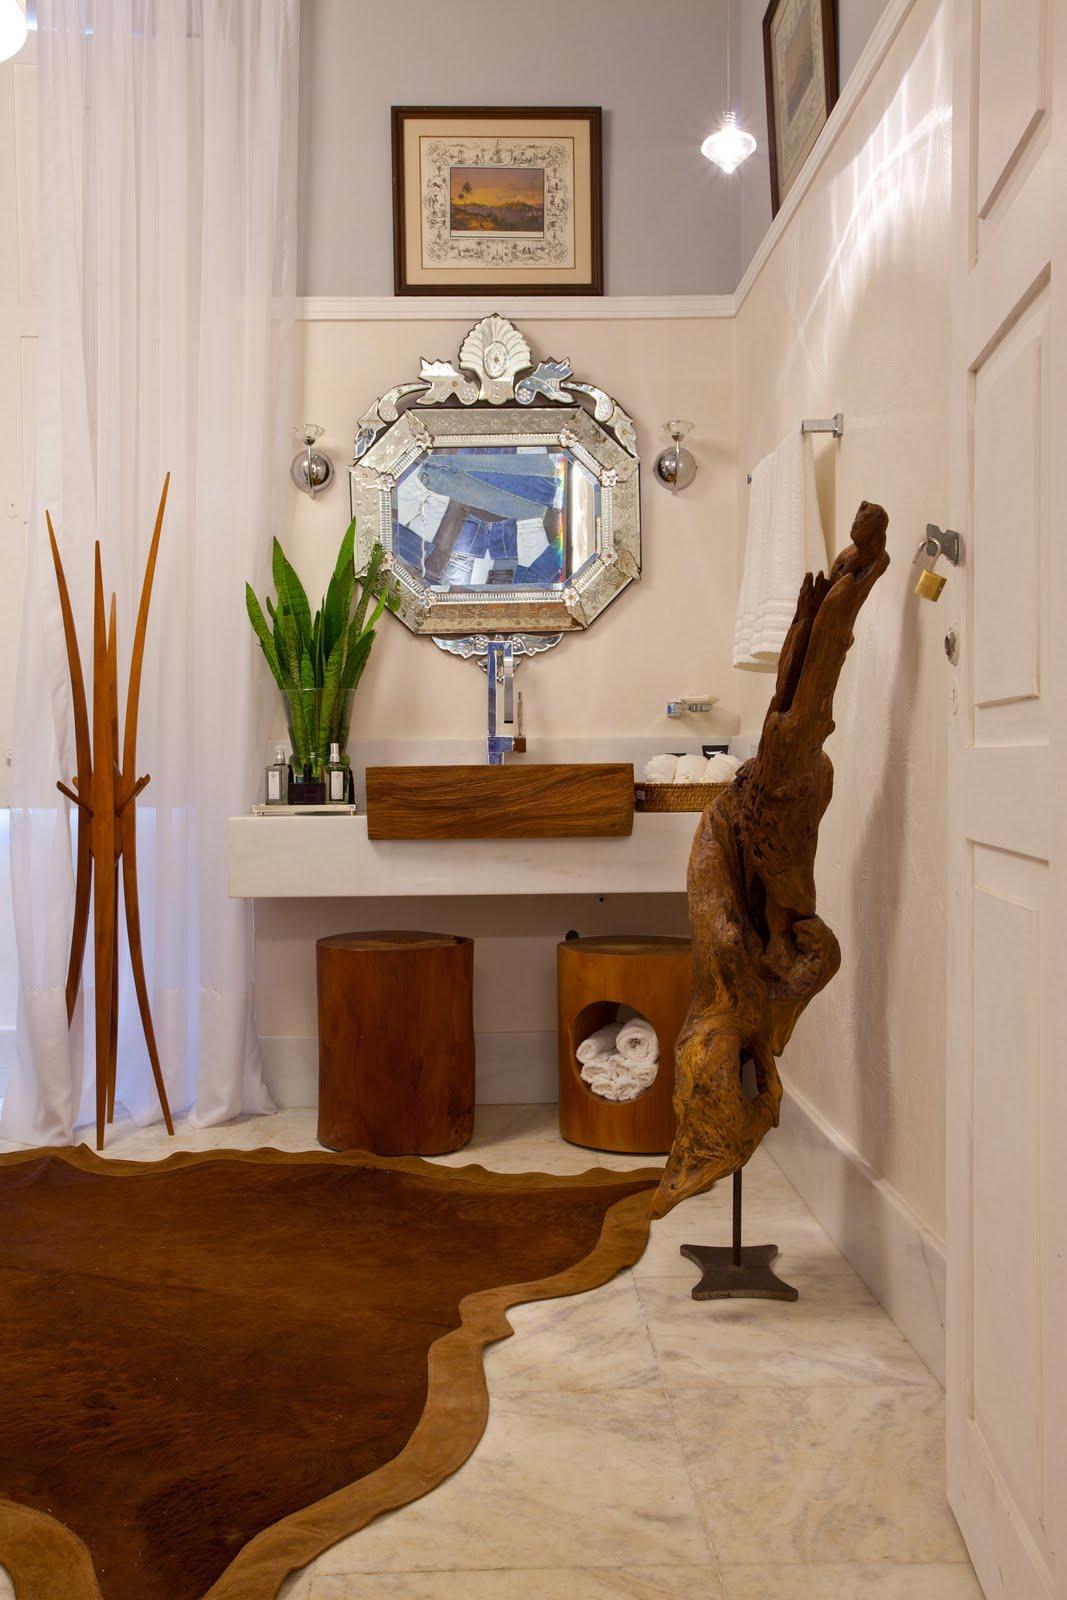 banheiro feng shui: luxo fazendo também uma harmonia no banheiro  #495F08 1067x1600 Banheiro Amarelo Feng Shui